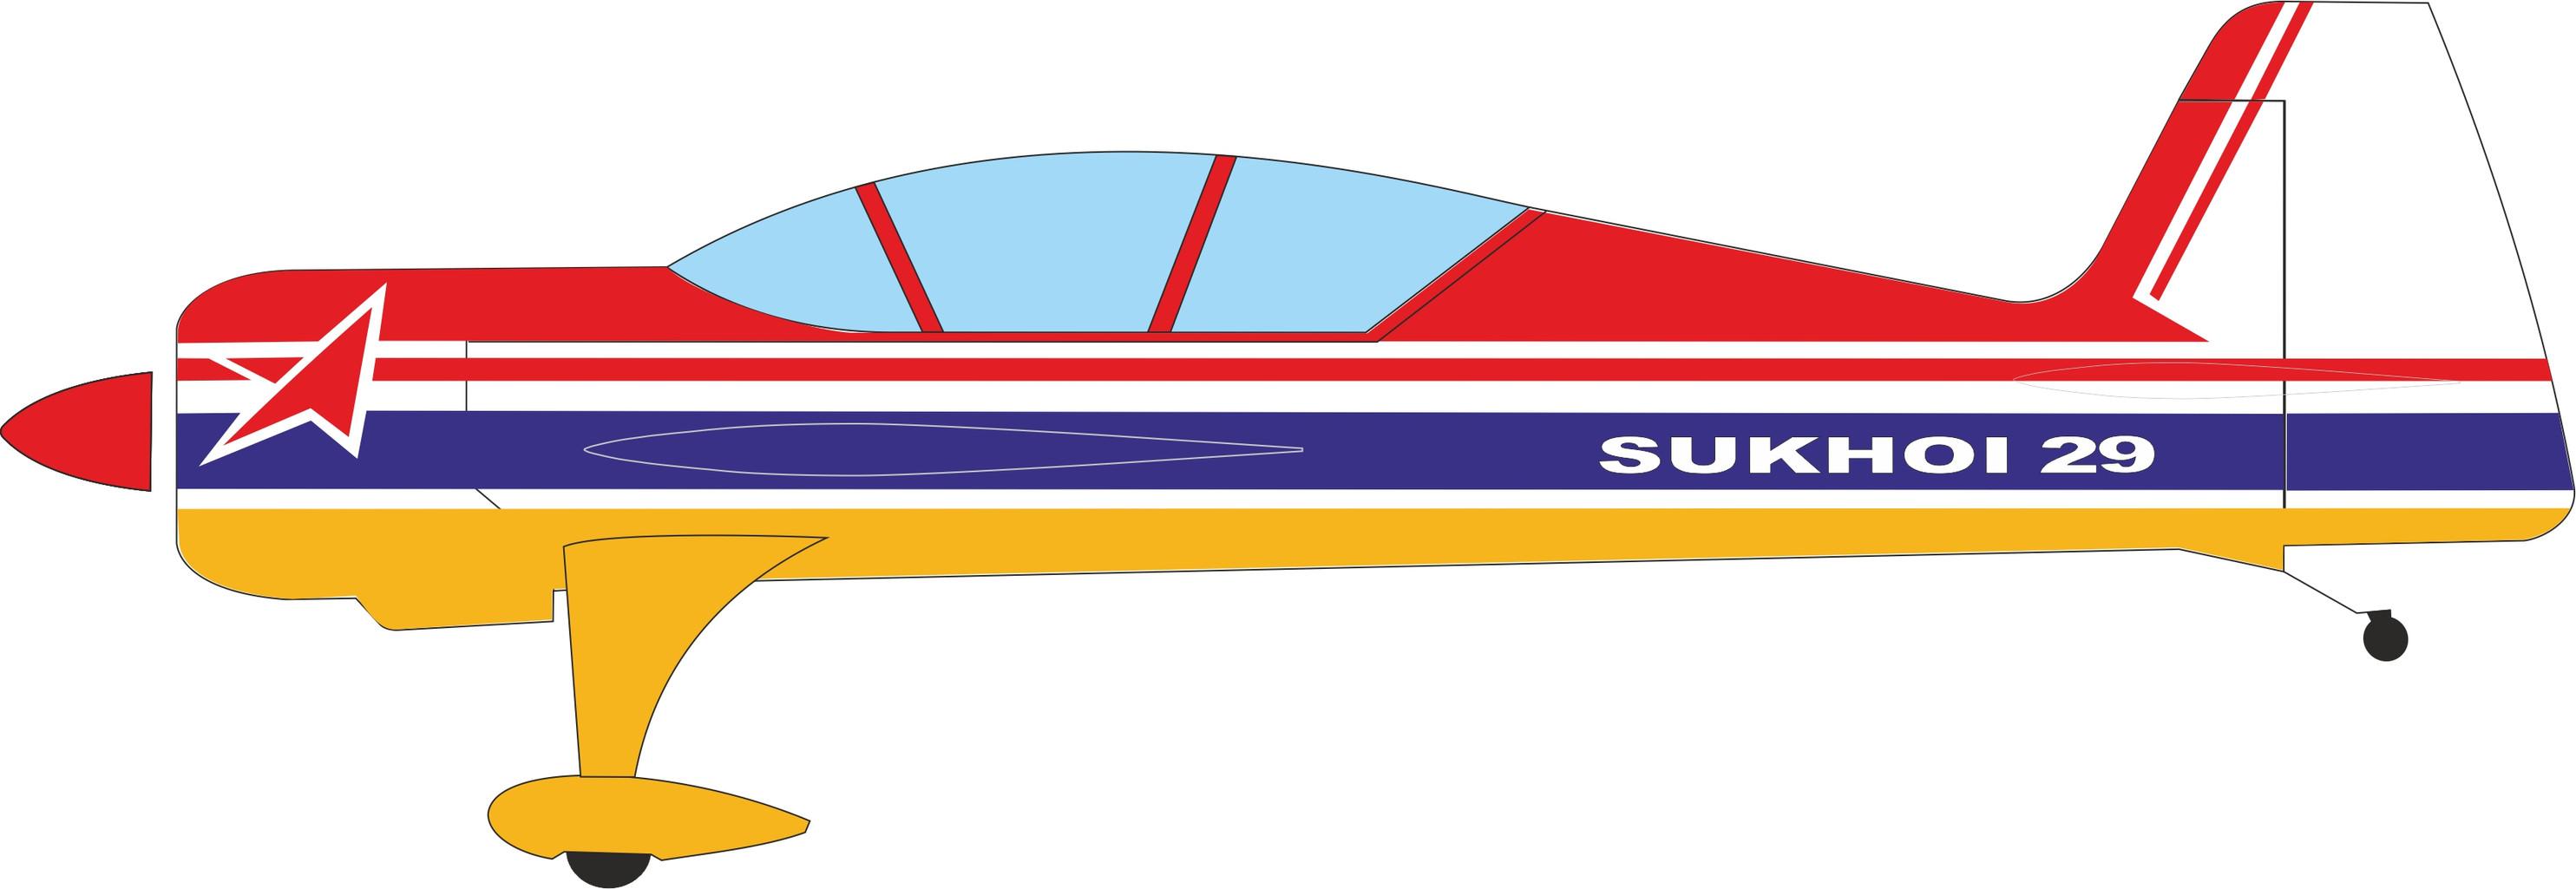 SU-29 AEROSPORT